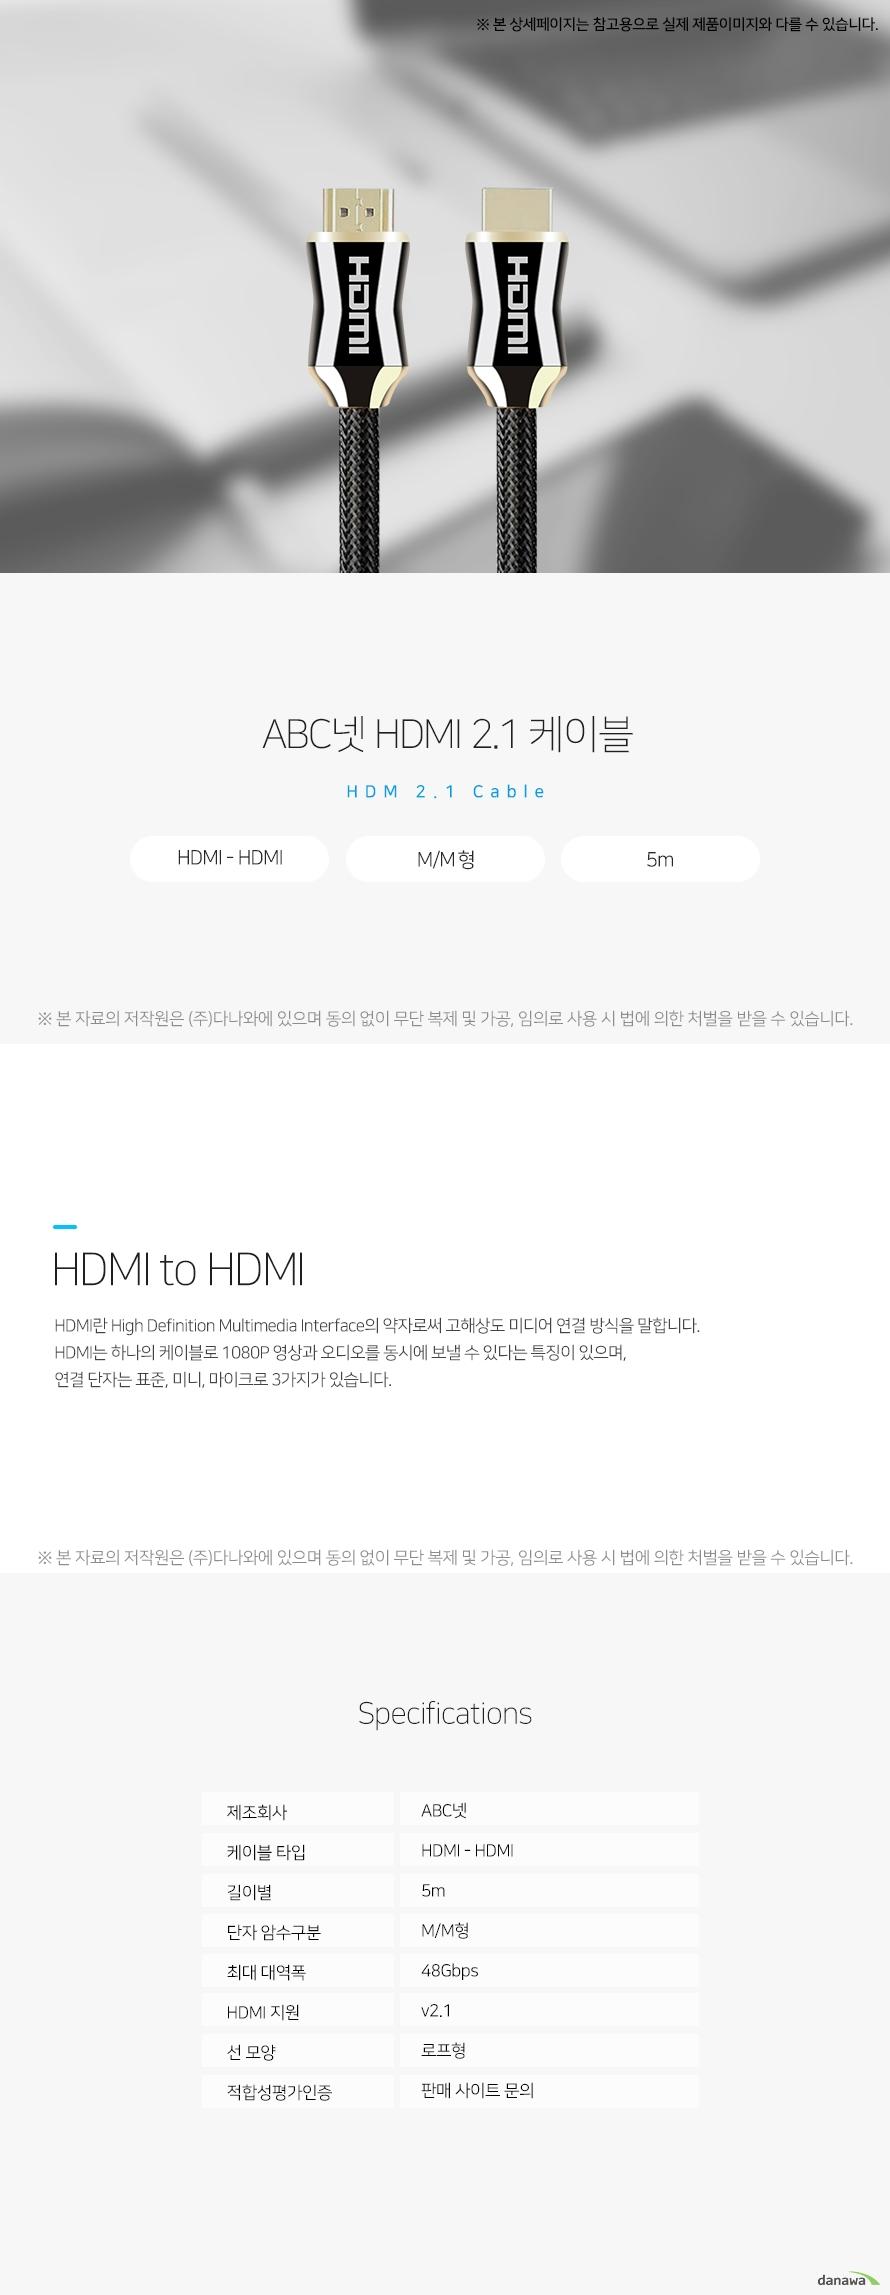 ABC넷 HDMI 2.1 케이블 (5m) 상세 스펙 HDMI 케이블 / HDMI~HDMI / M/M형 / 최대 대역폭: 48Gbps / v2.1 / HDMI / HDR / eARC / 로프형 / 최대 7680x4320 60Hz / QFT, QMS, VRR 지원